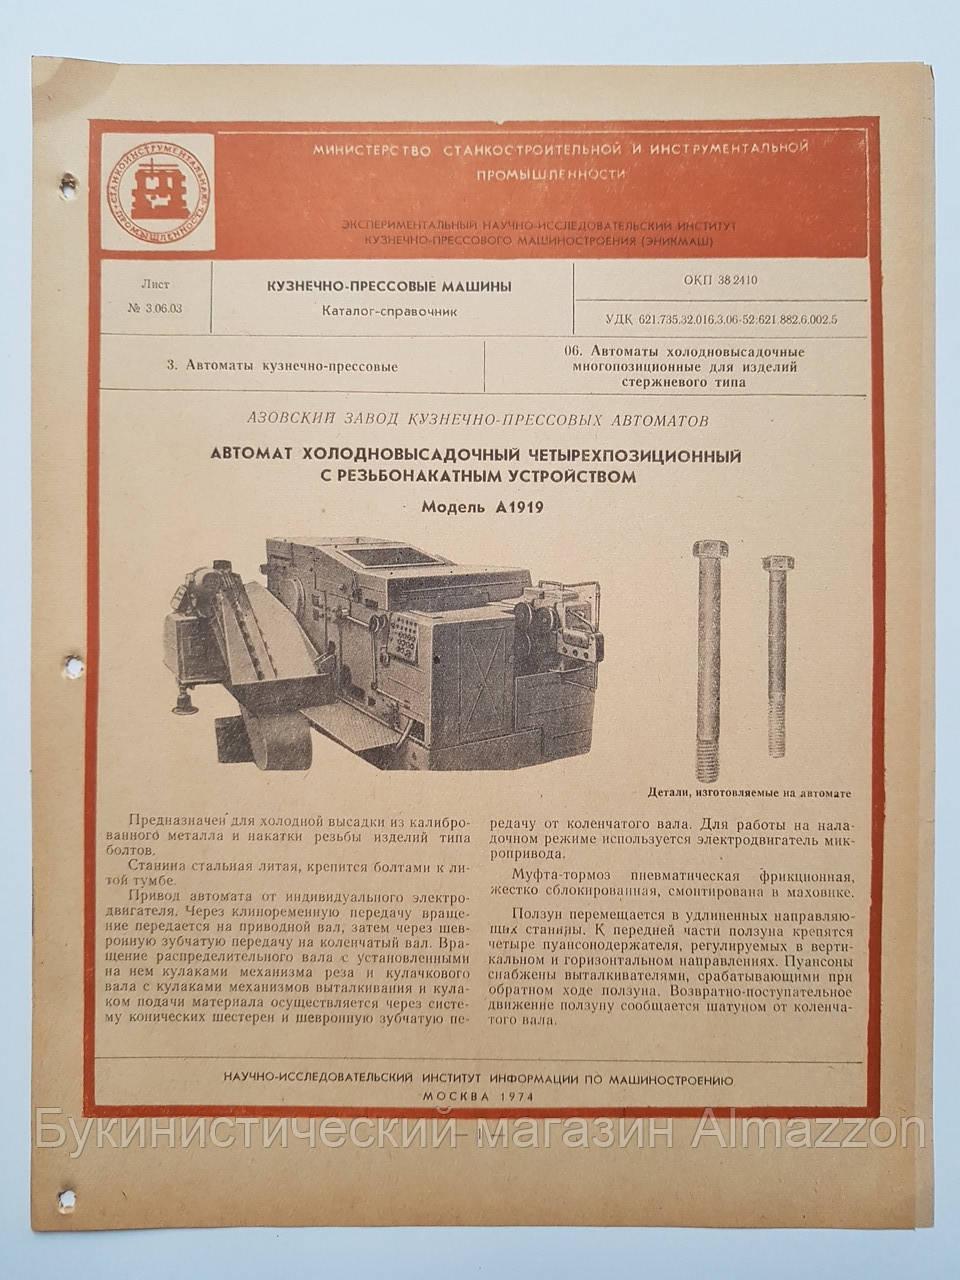 Журнал (Бюллетень) Автомат холодновысадочный четырехпозиционный з резьбонакатным устройством А1919  3.06.03